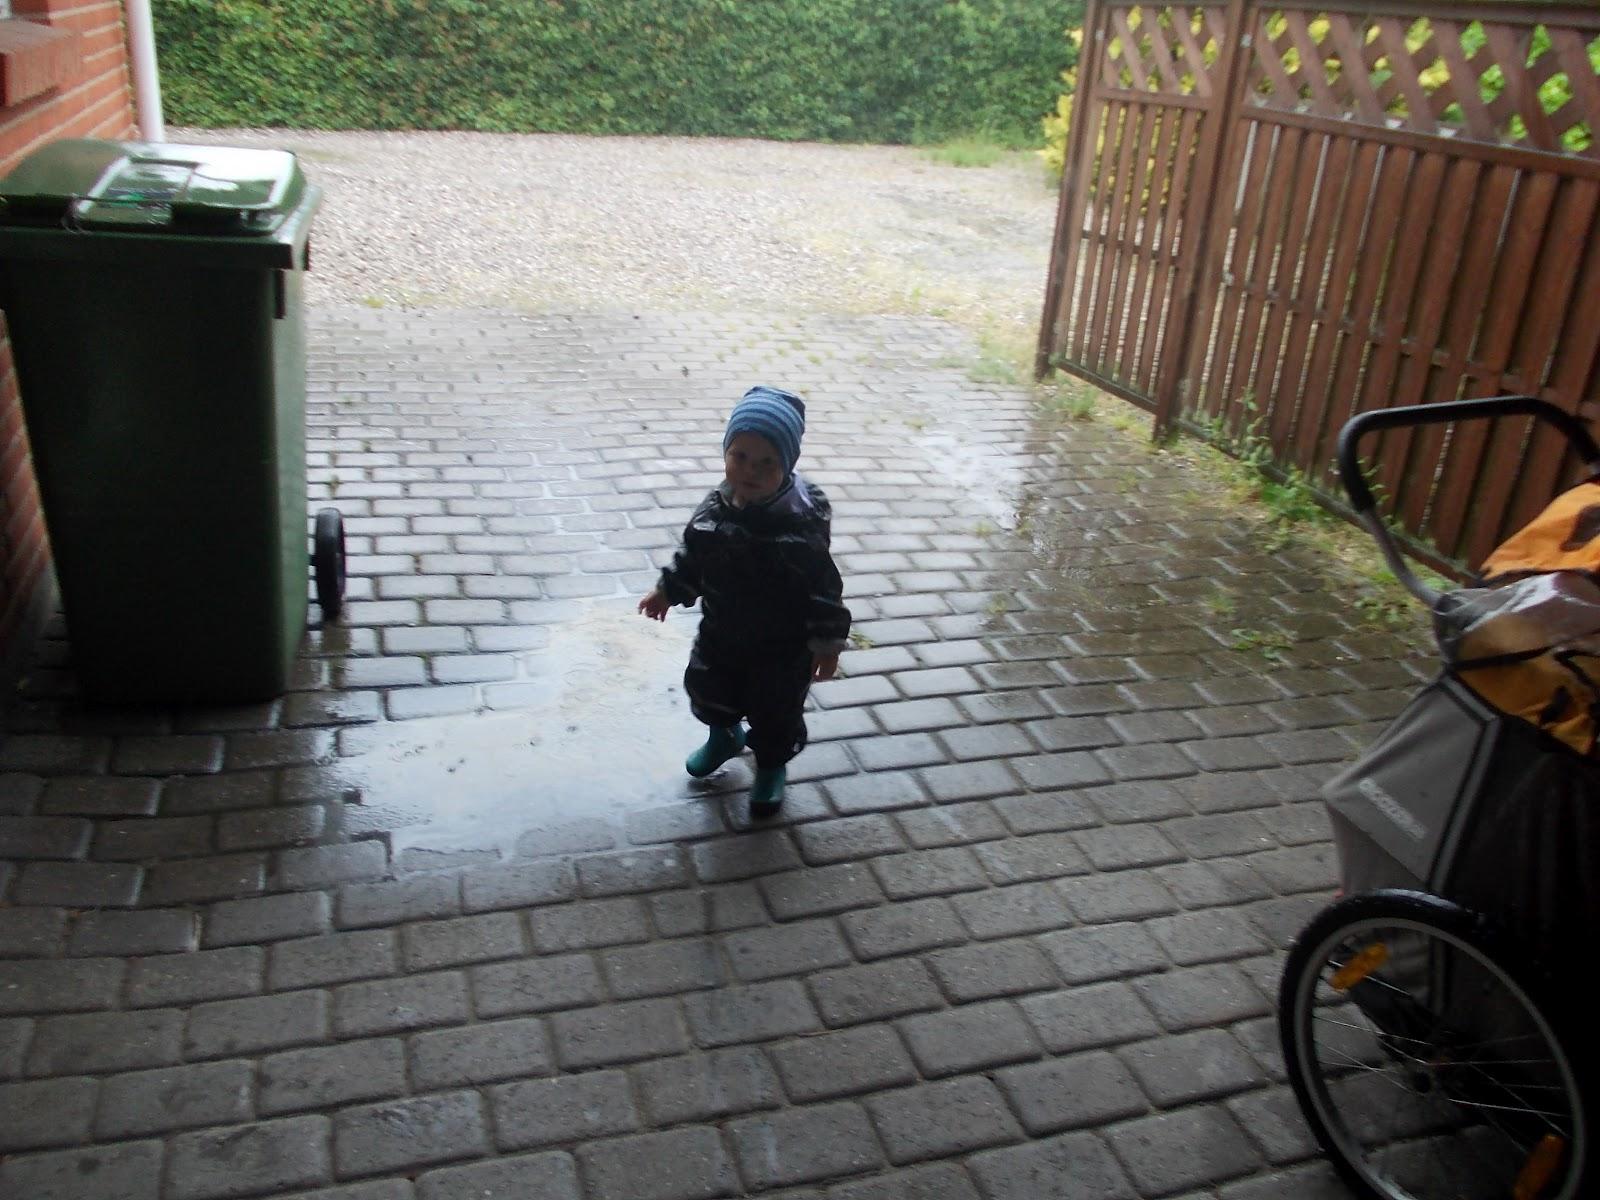 meget våd under samleje kan man blive gravid når man har mens